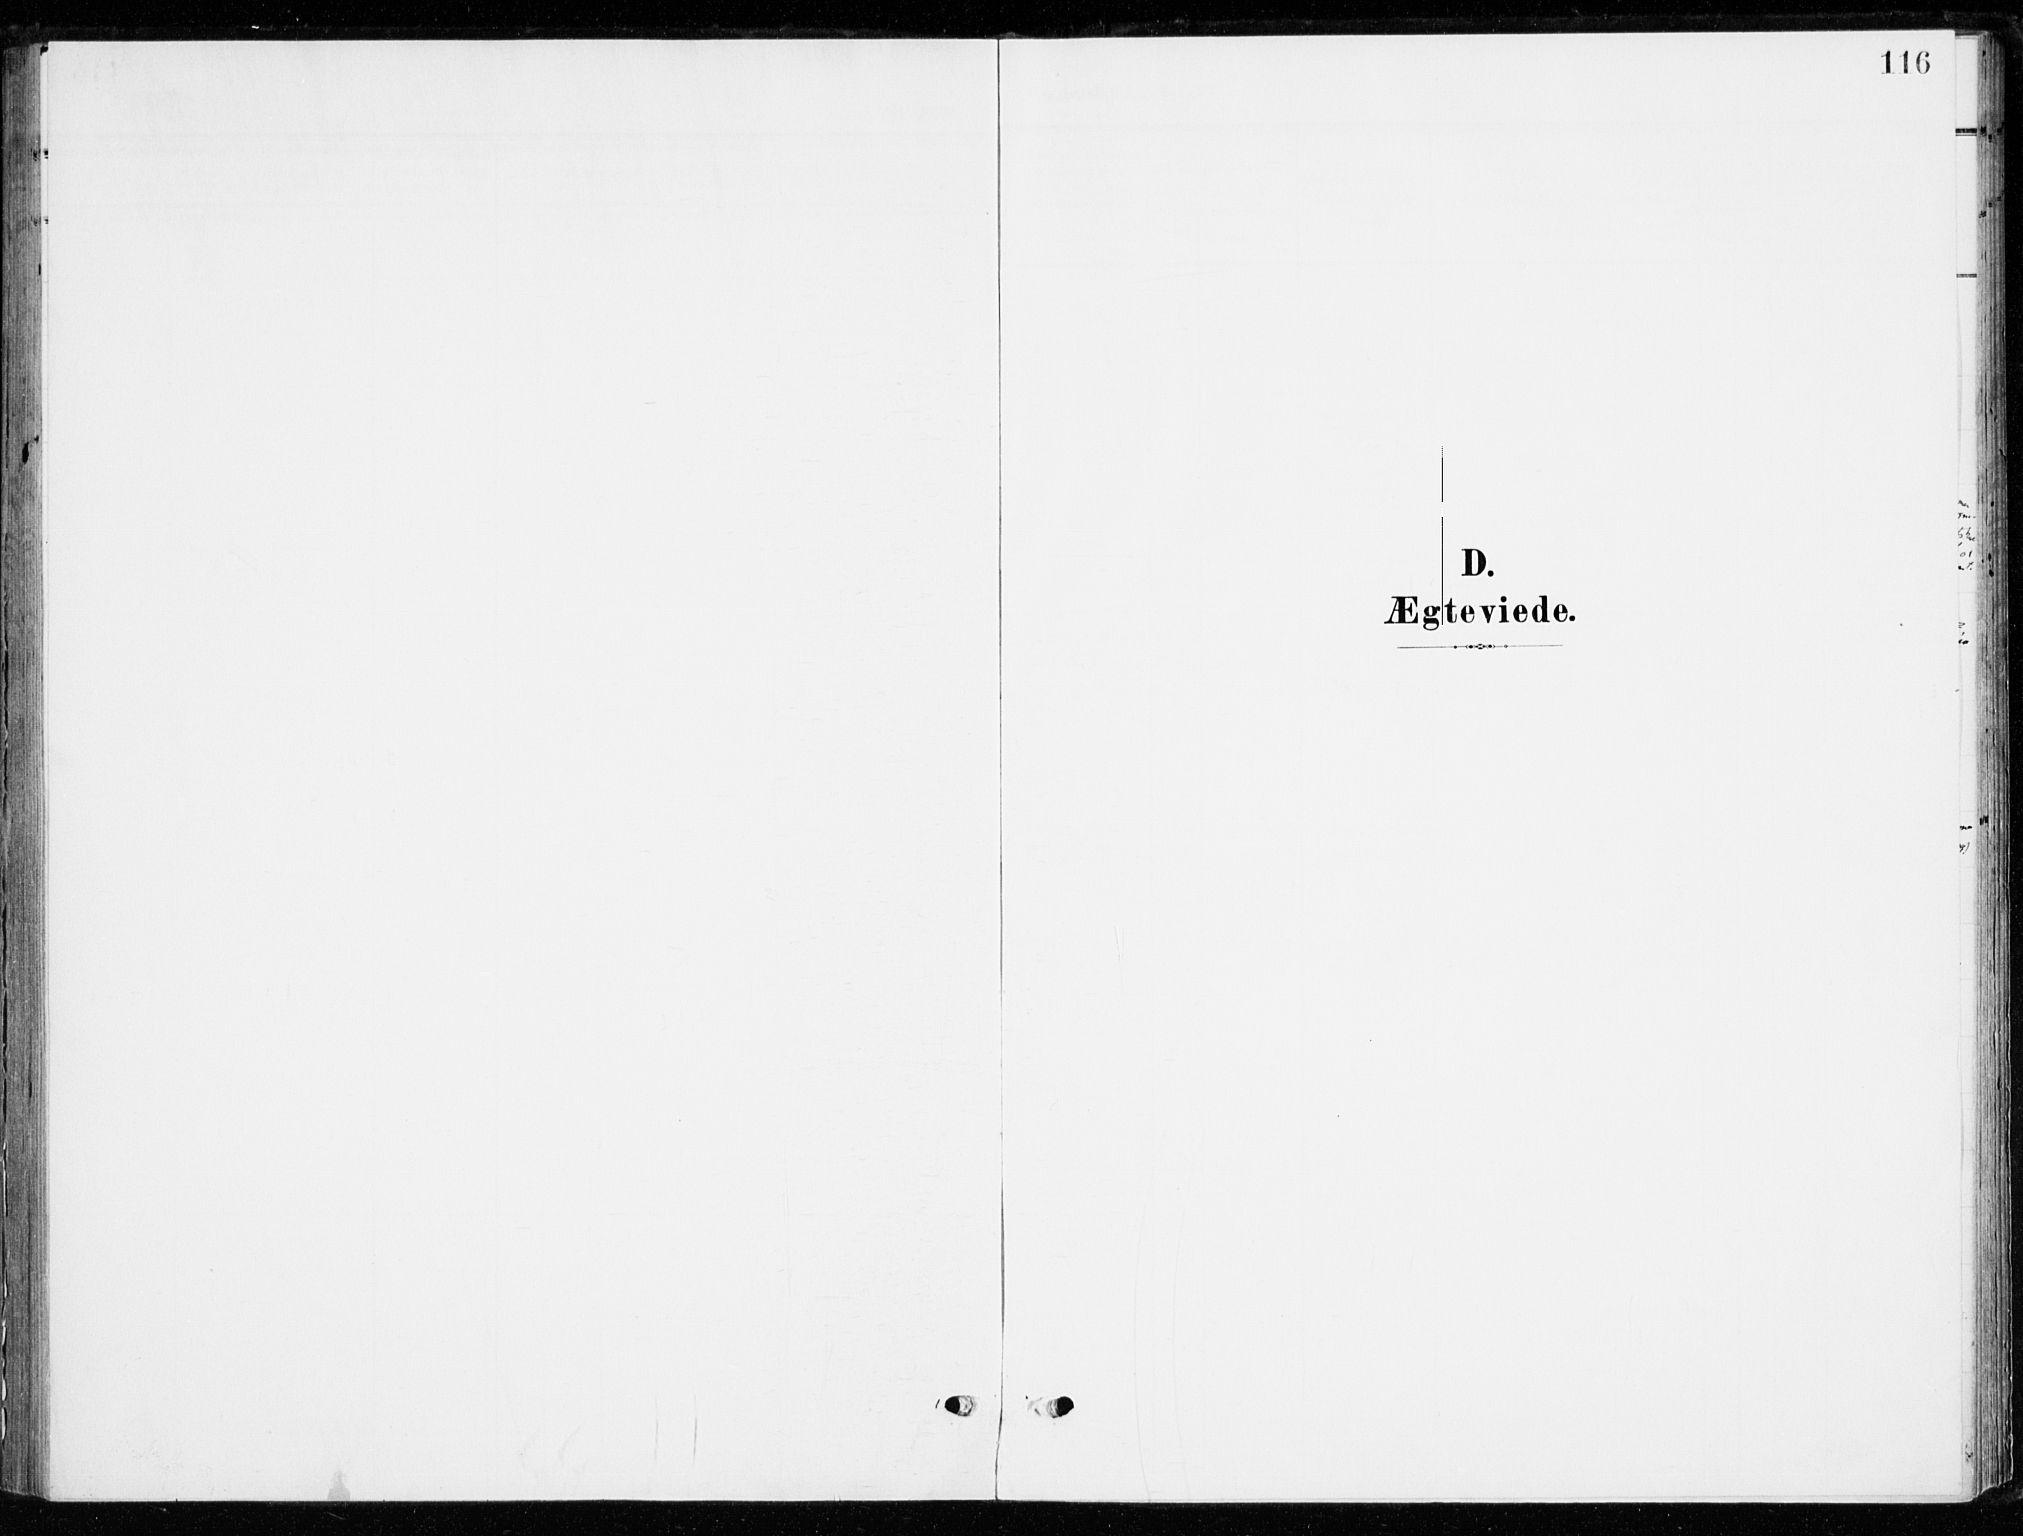 SAH, Ringsaker prestekontor, K/Ka/L0021: Ministerialbok nr. 21, 1905-1920, s. 116